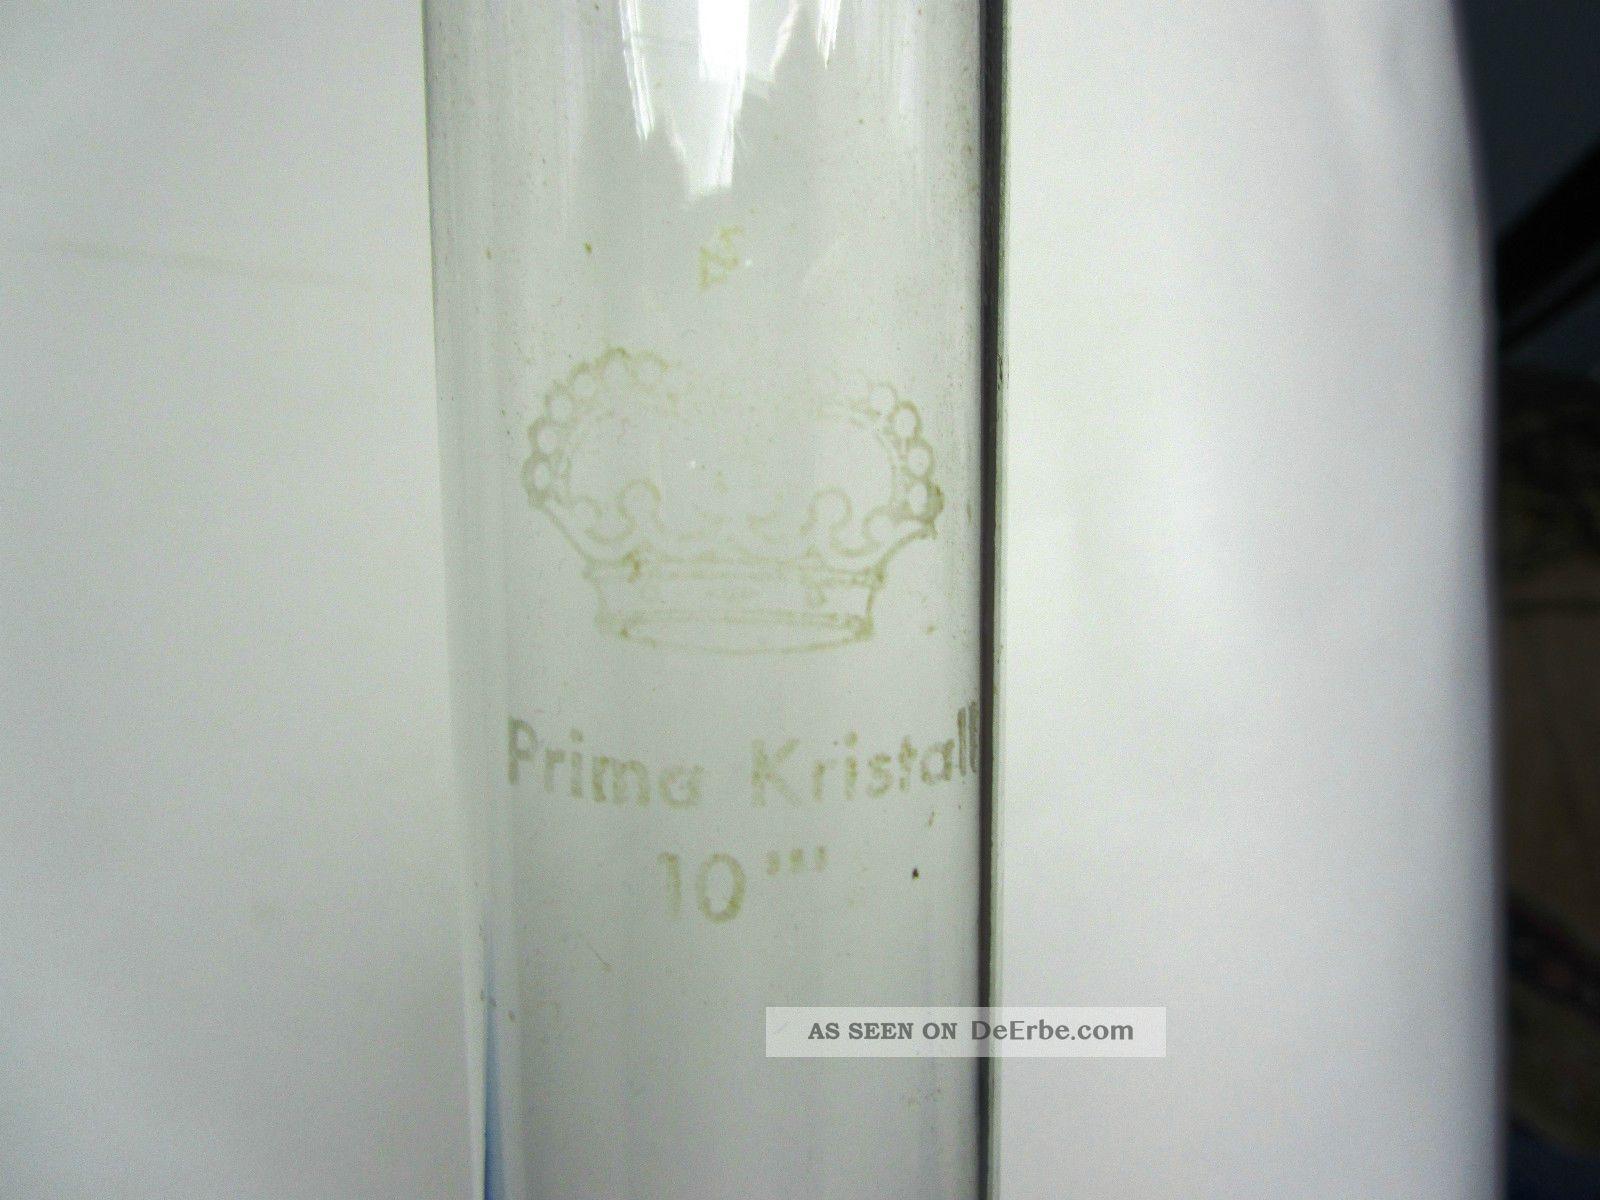 3 glaszylinder l glas zylinder lampenglas laterne spiritus petroleum llampe. Black Bedroom Furniture Sets. Home Design Ideas